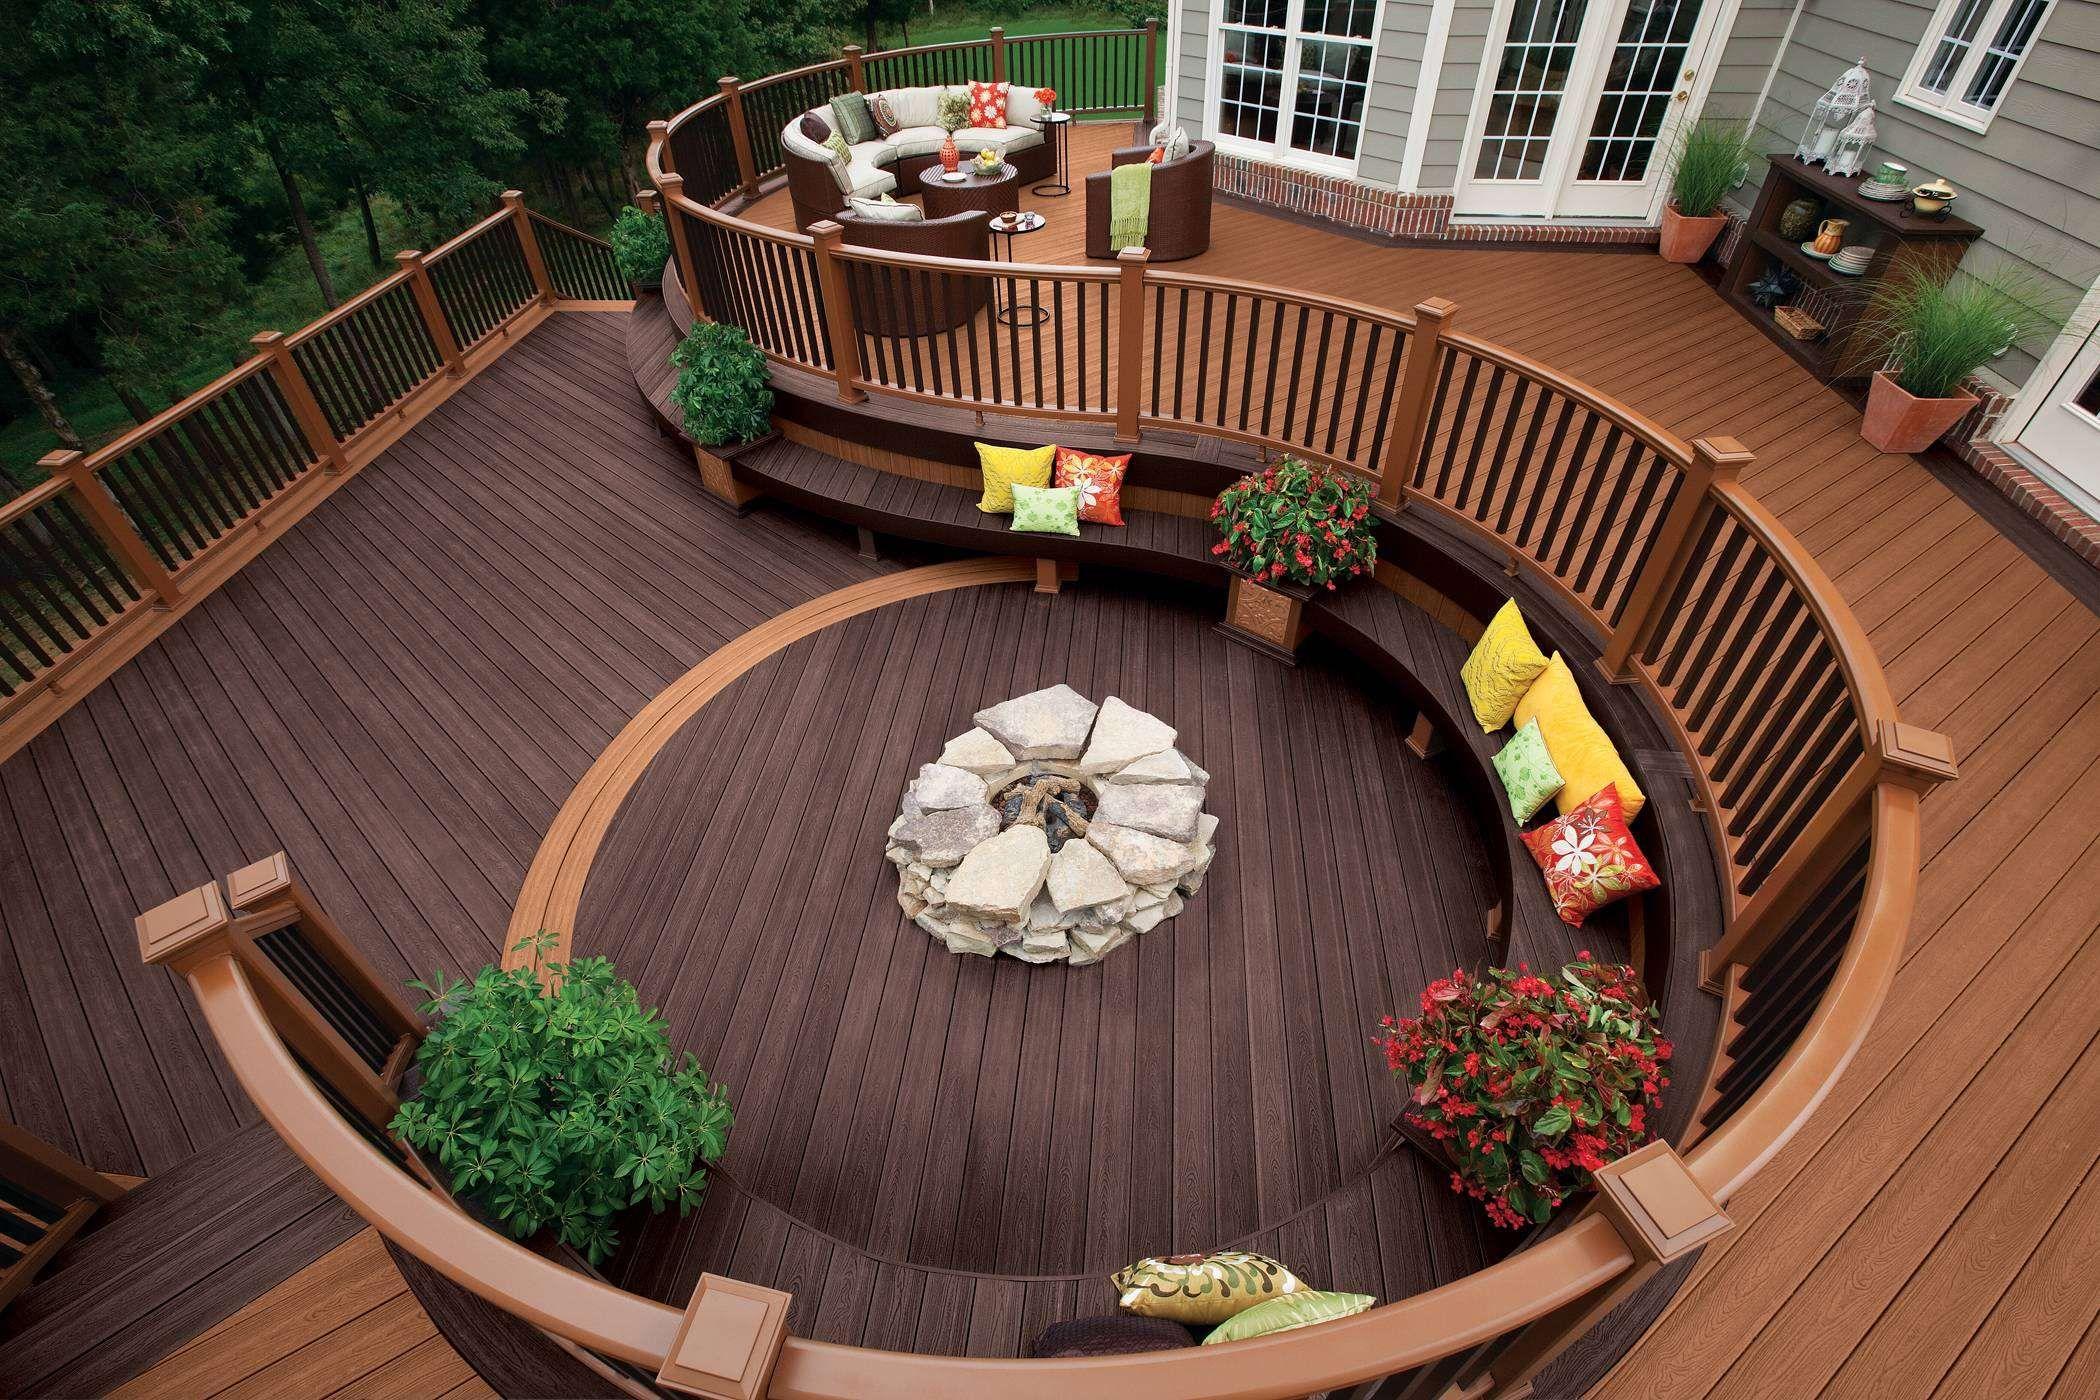 Outdoor Deck Ideas For Better Backyard Entertaining Deck Designs Backyard Patio Deck Designs Decks Backyard